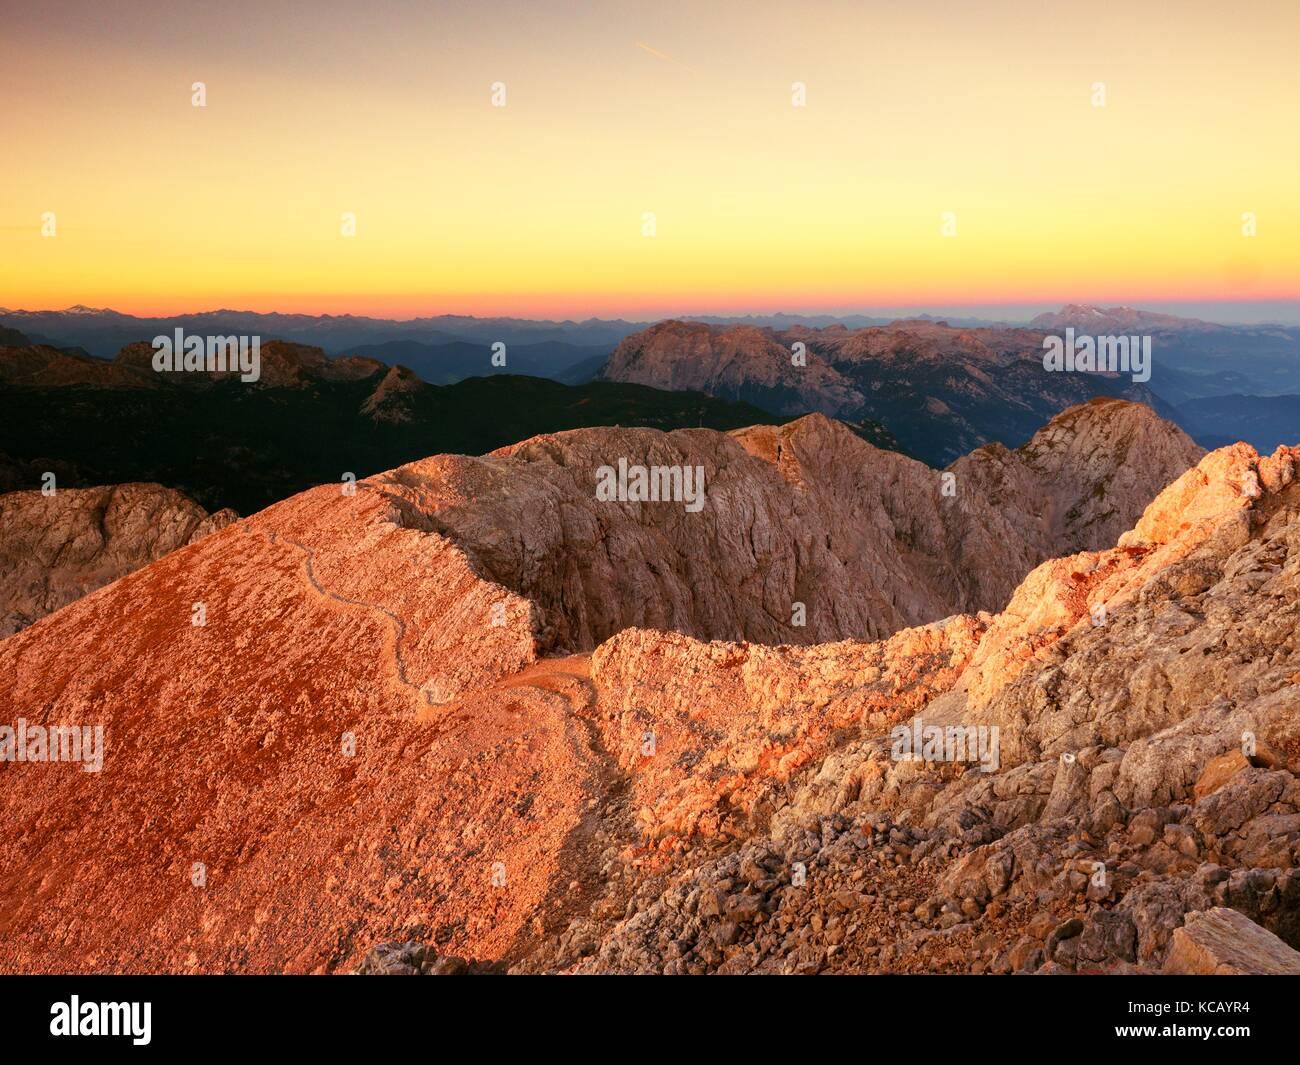 Morgen Blick über apine Cliff und das Tal. daybreak Sonne am Horizont. Berge von Vollflächen erhöht Stockbild